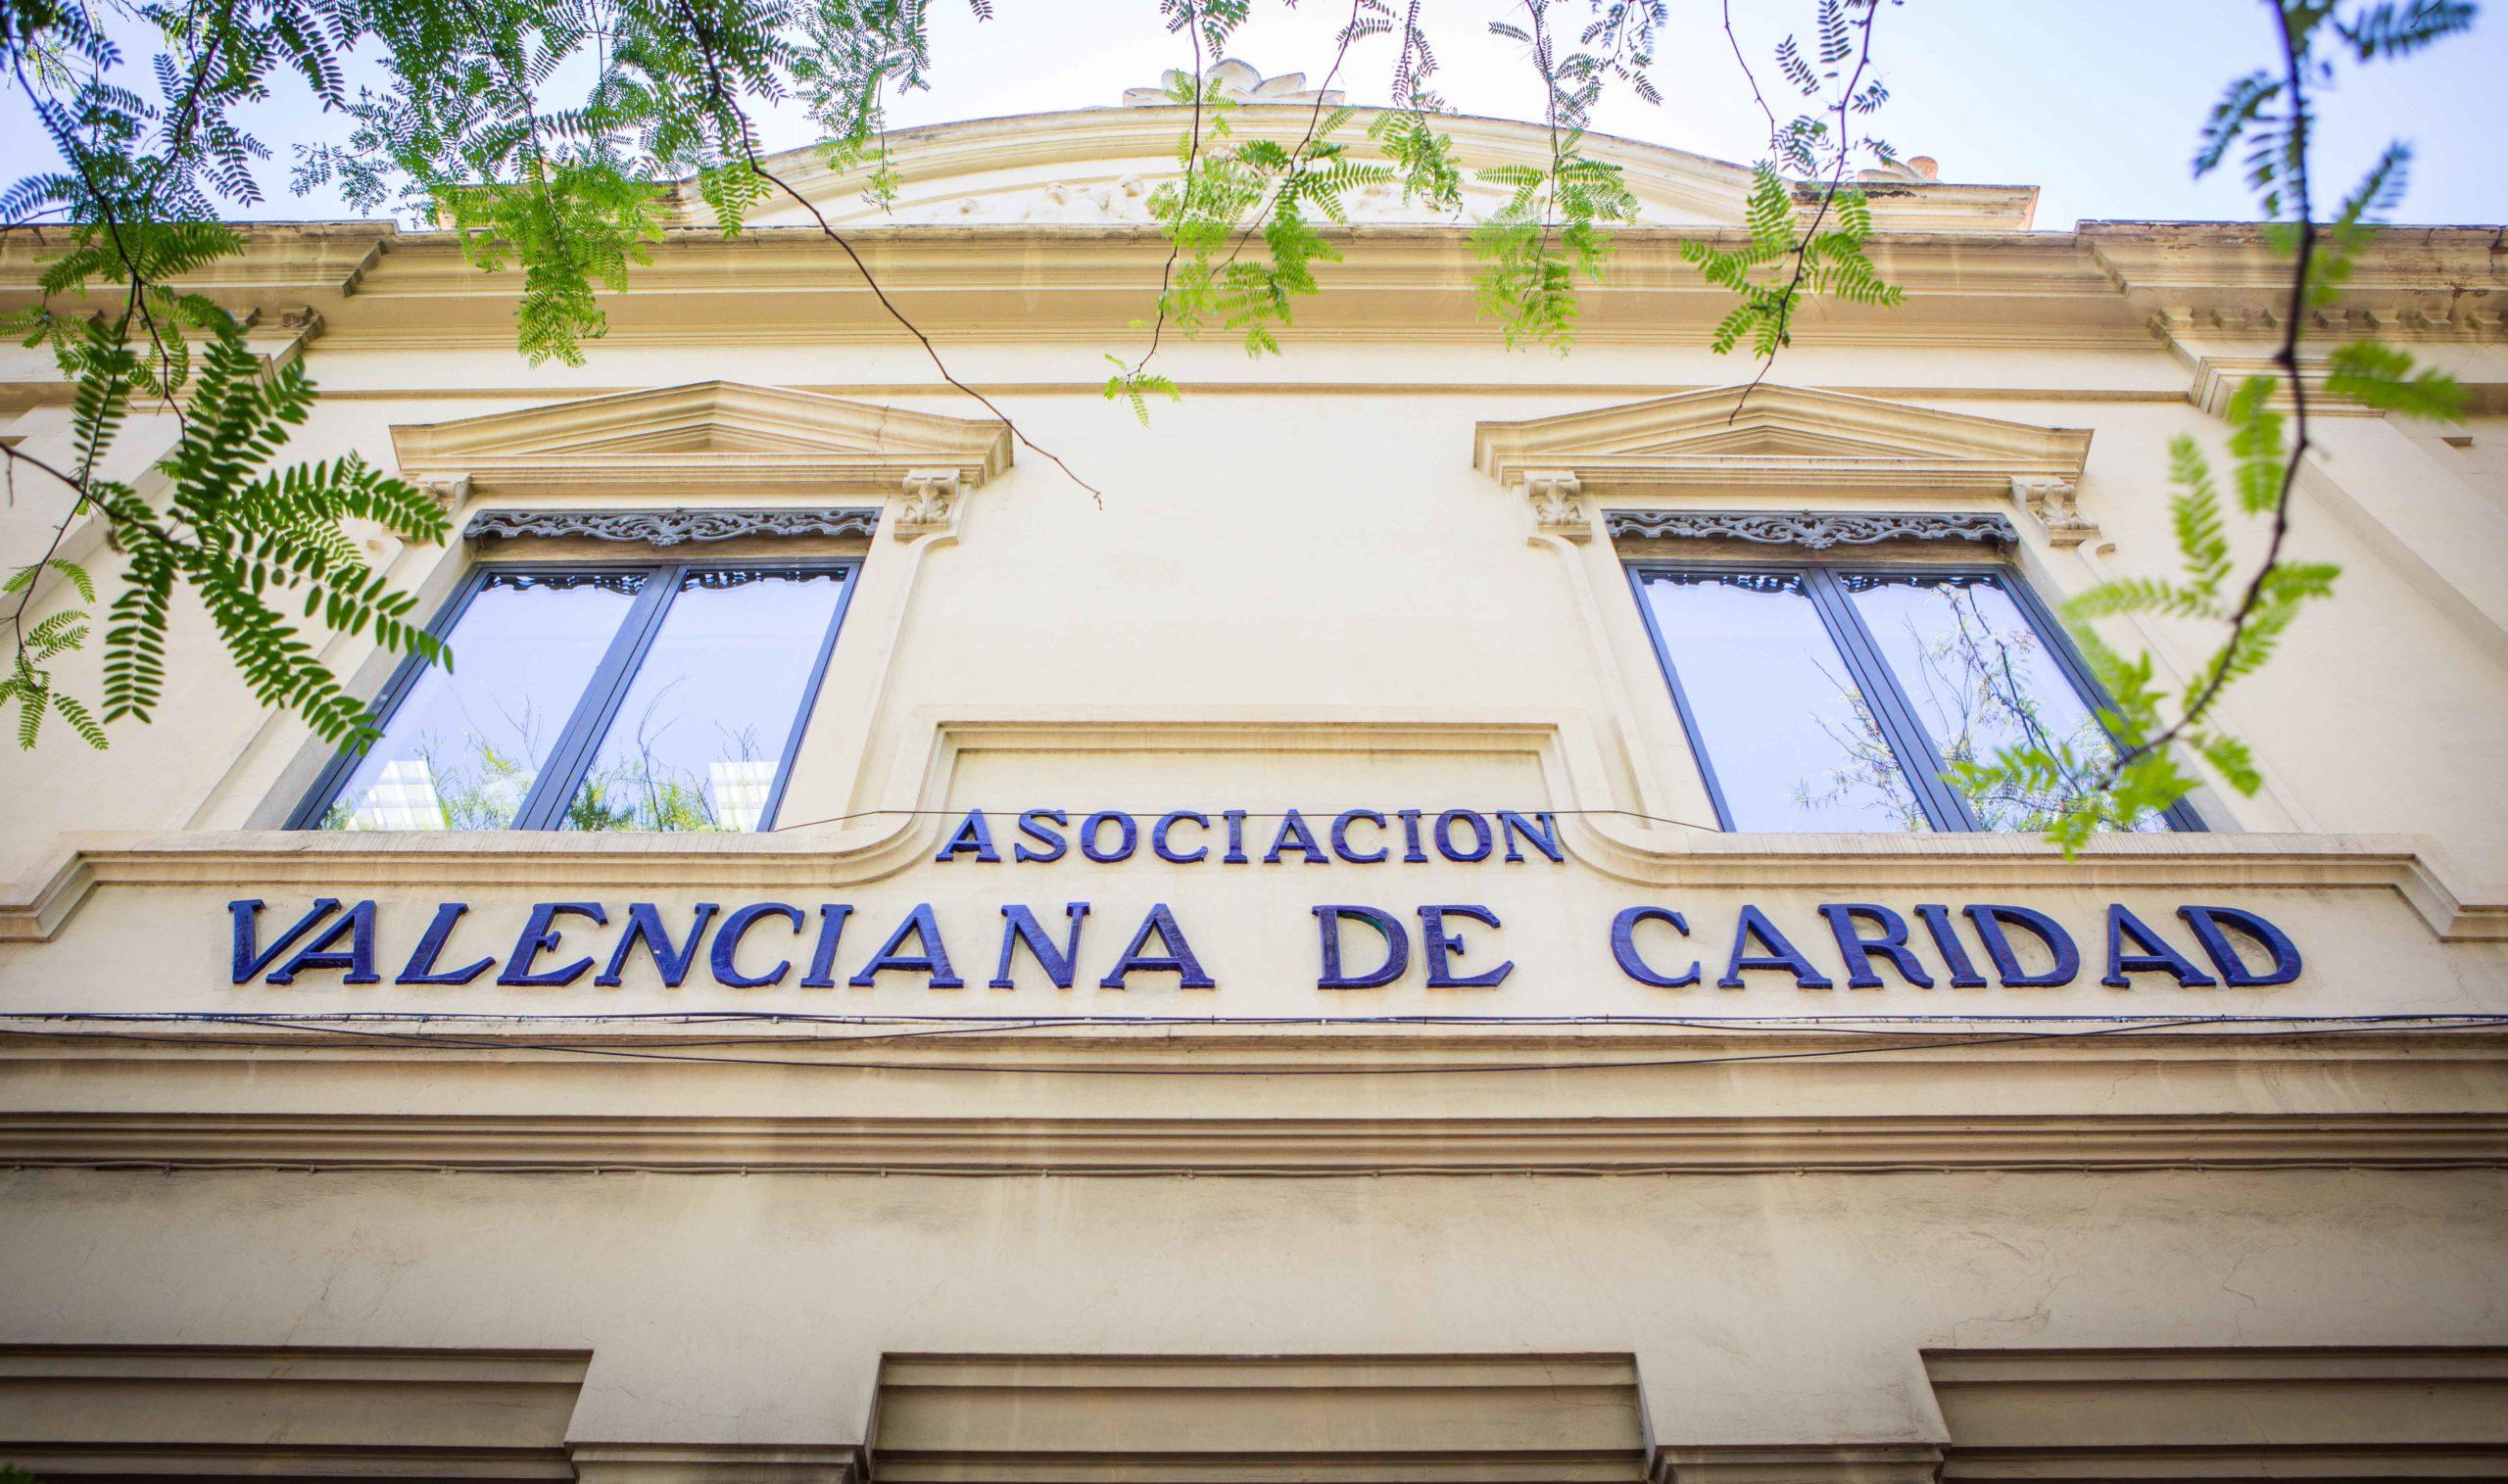 Fachada de Casa Caridad Valencia